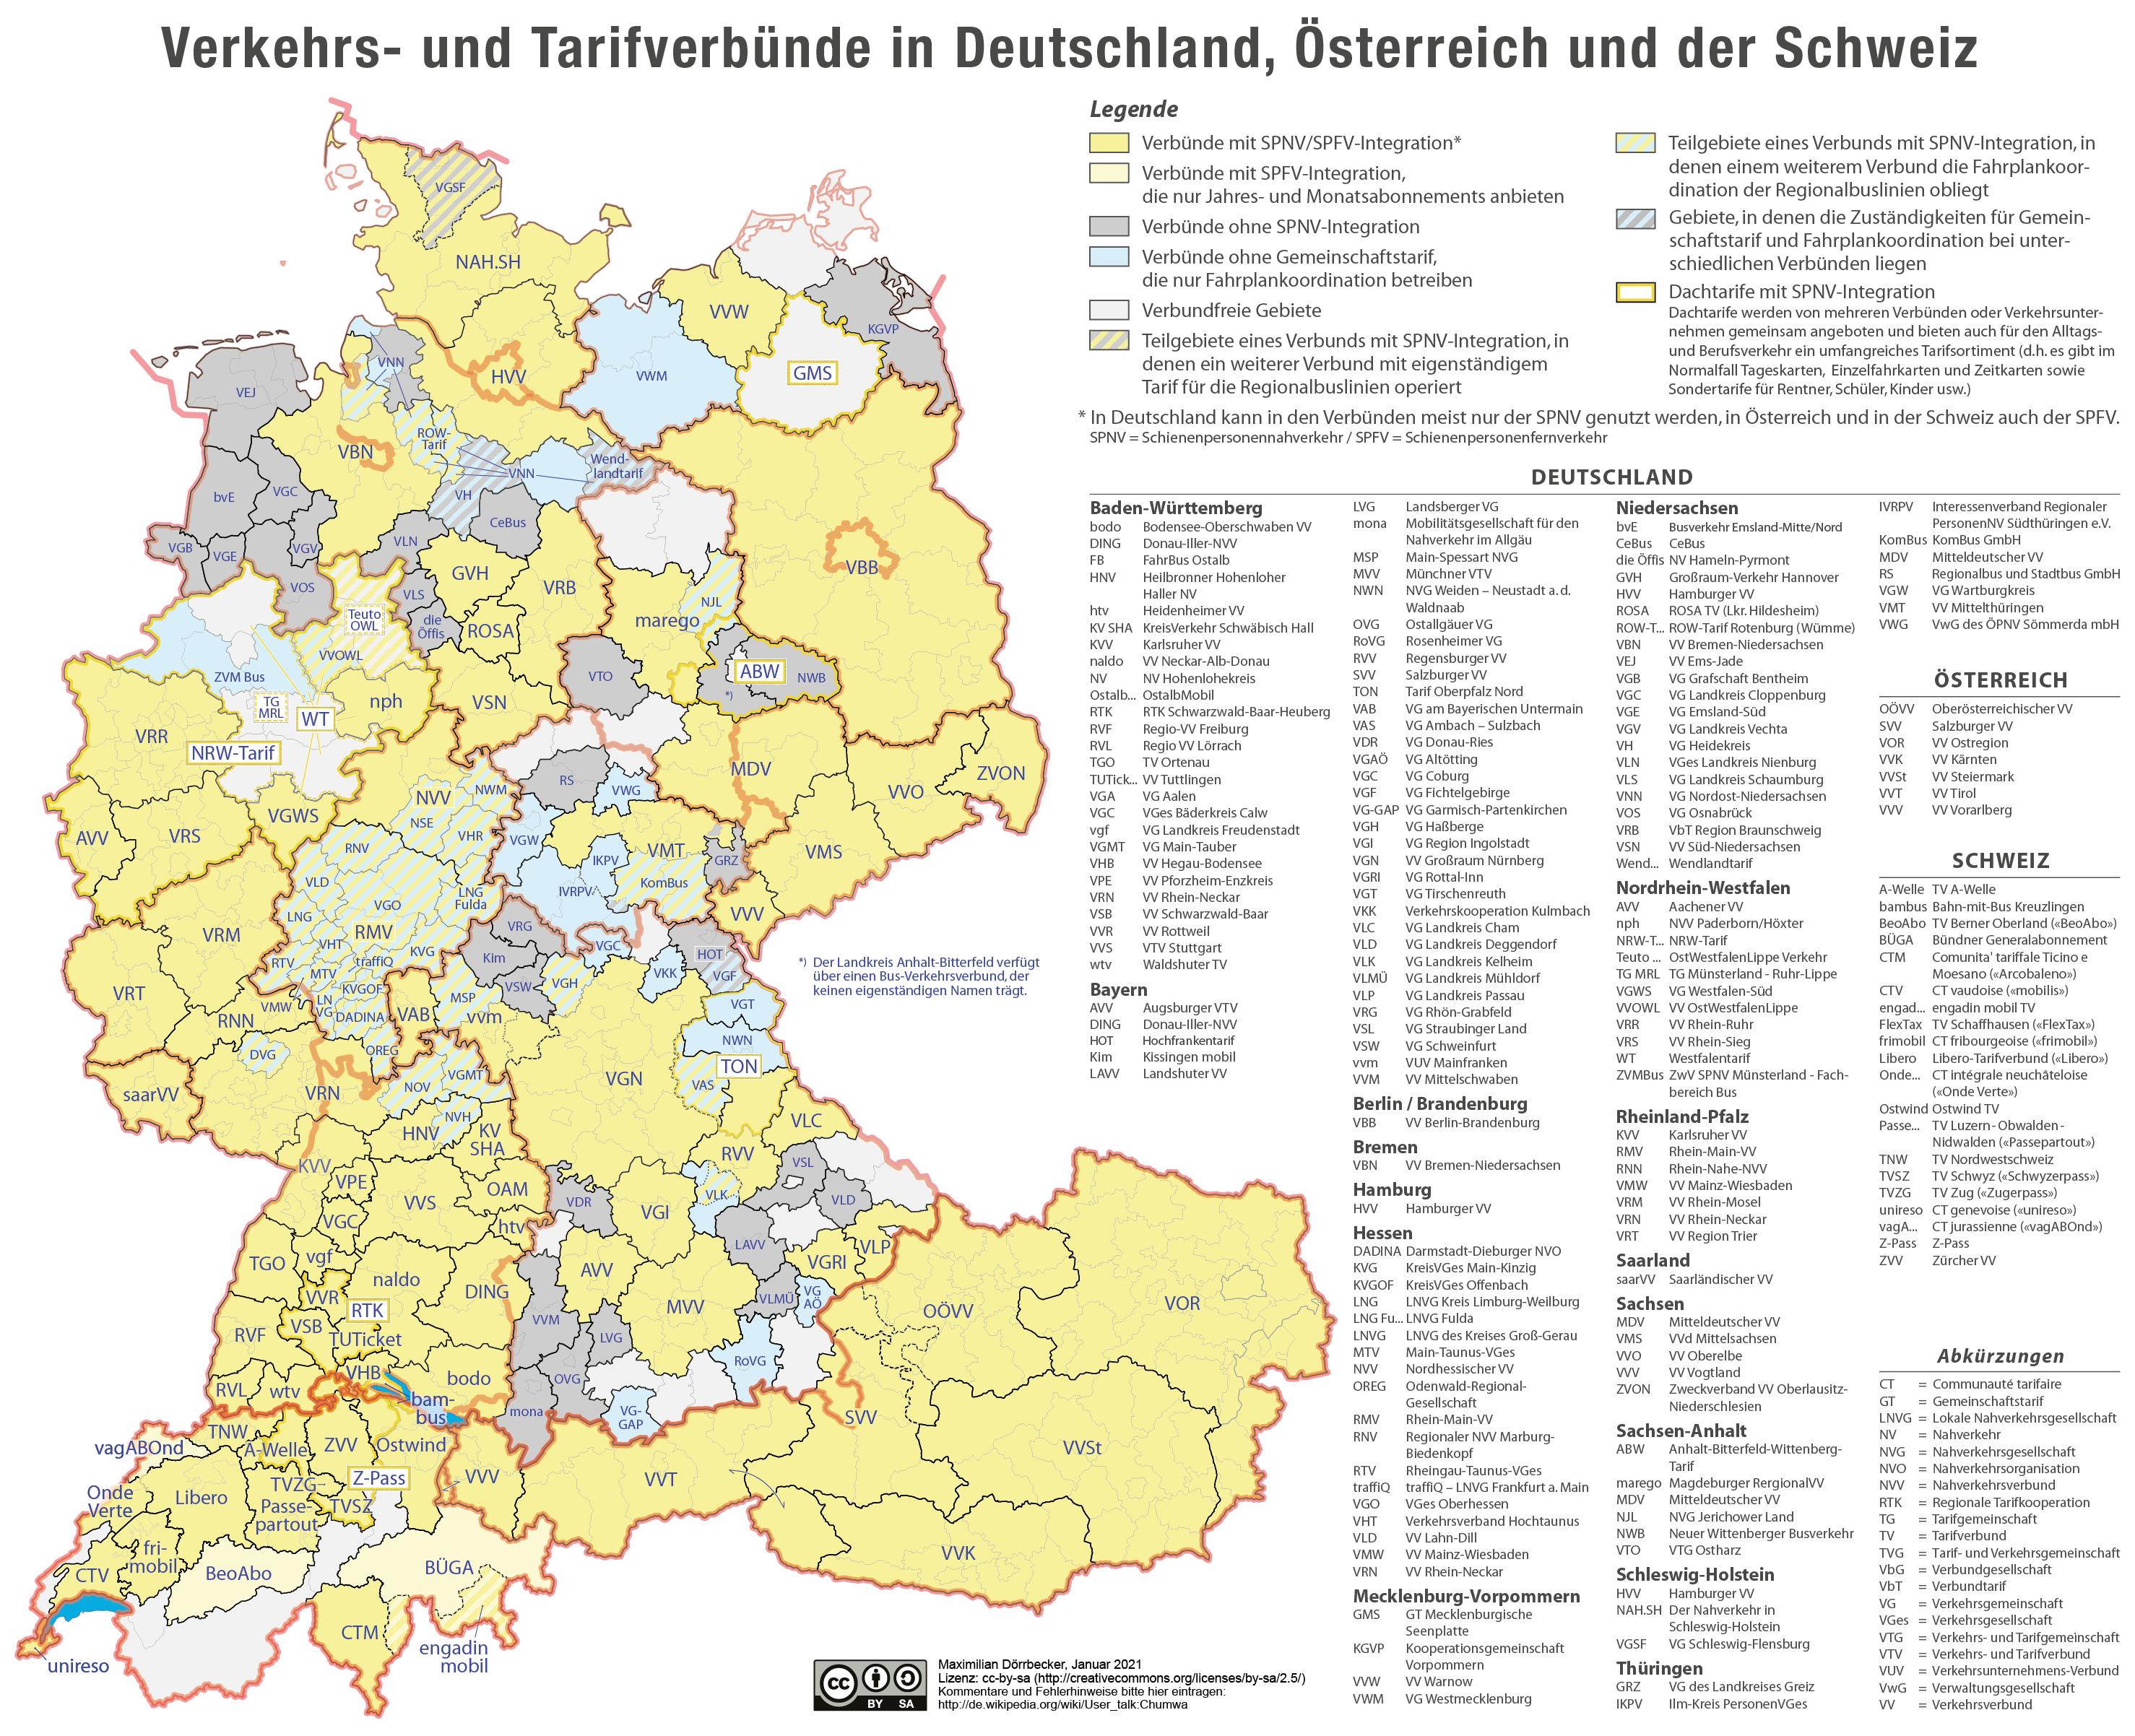 karte schweiz deutschland Datei:Karte der Verkehrsverbünde und Tarifverbünde in Deutschland